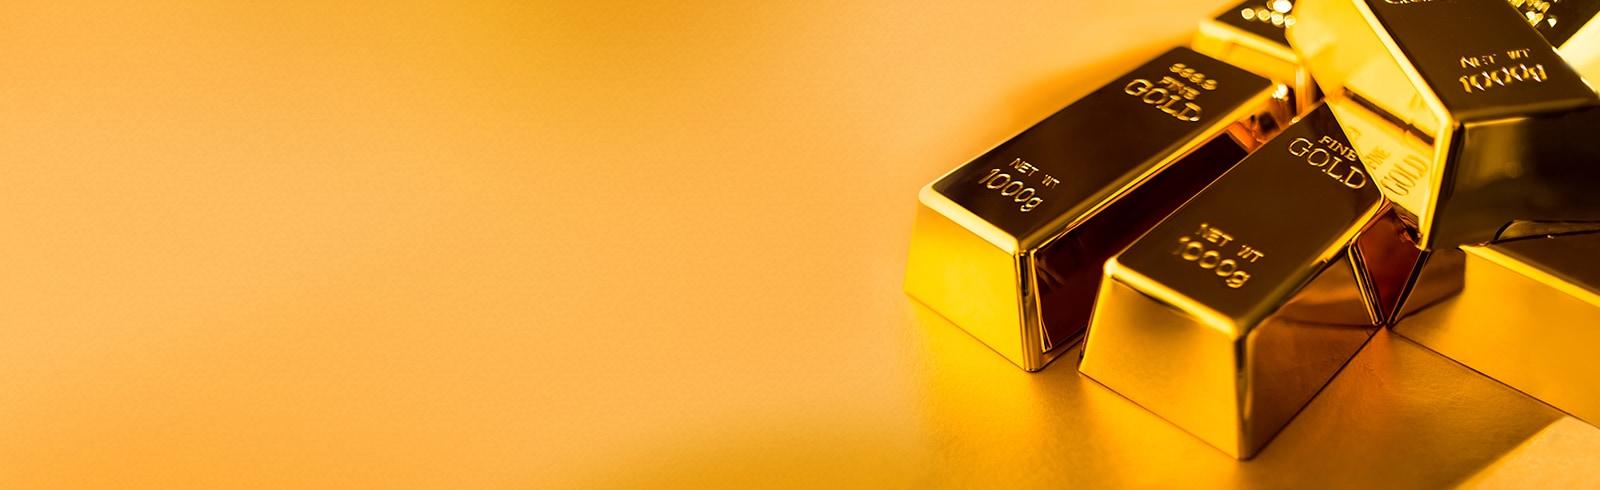 Wm banner gold